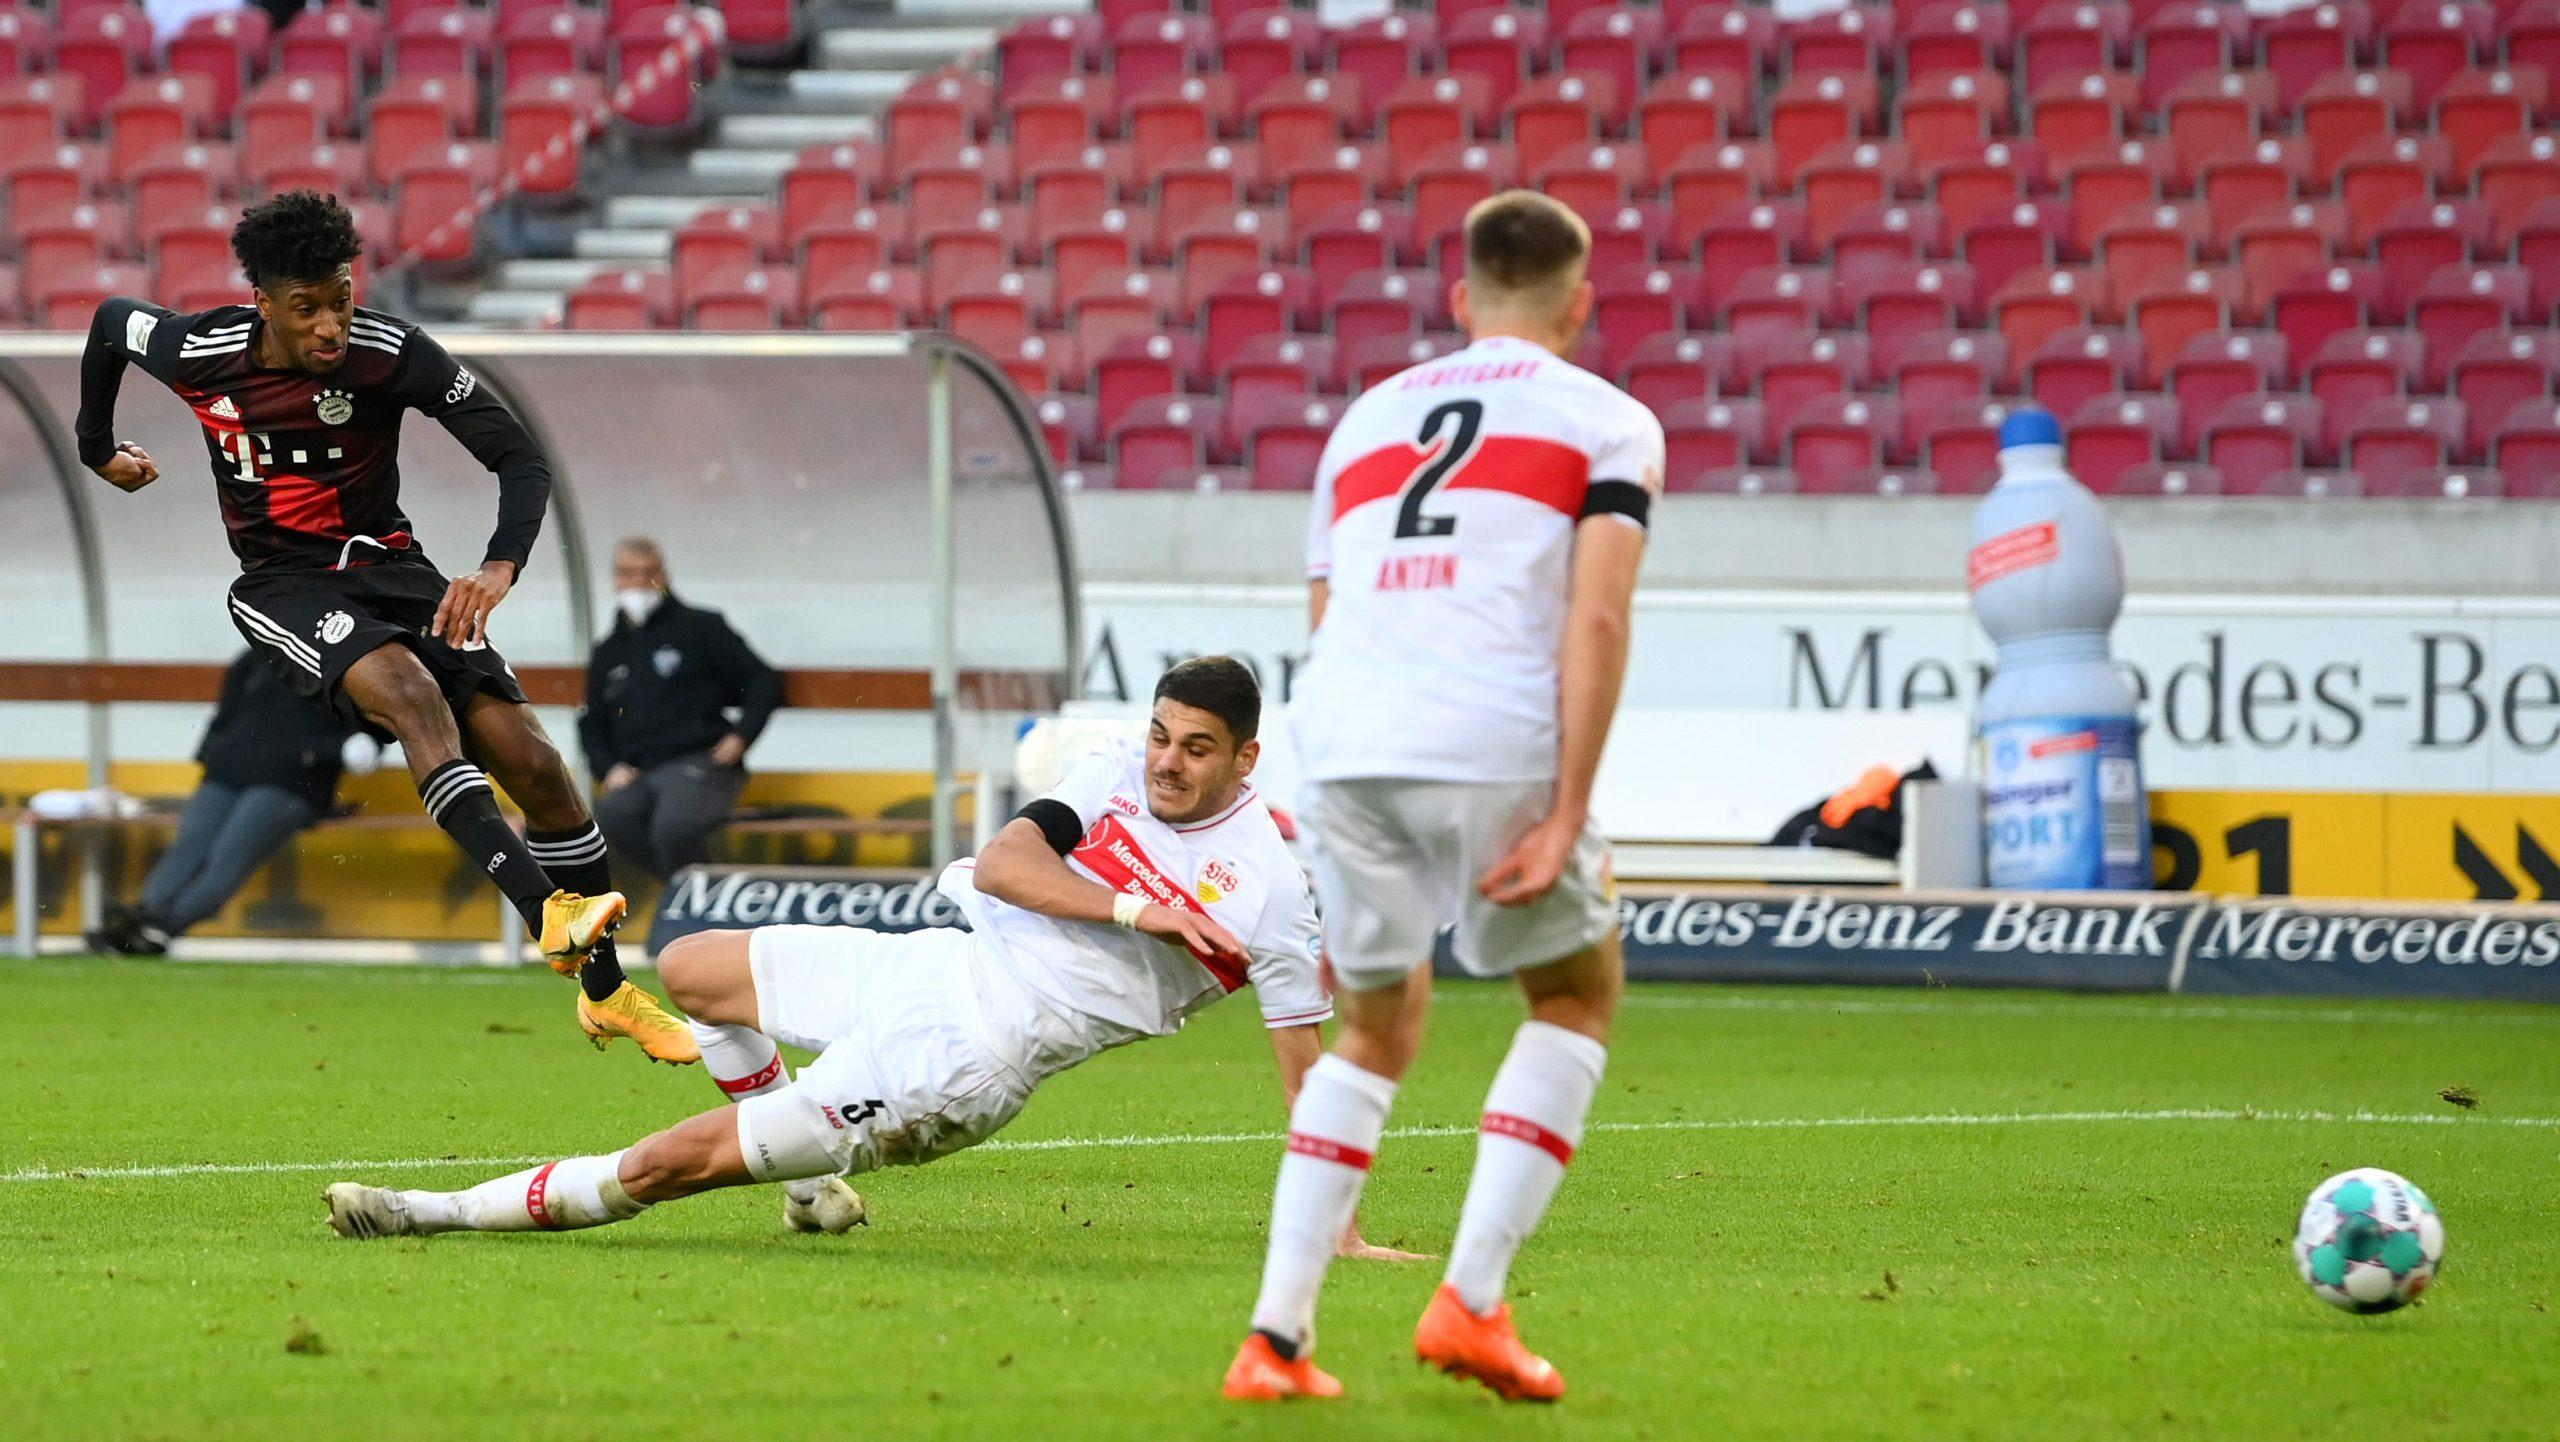 Spiel gedreht! Der FC Bayern gewinnt in Stuttgart